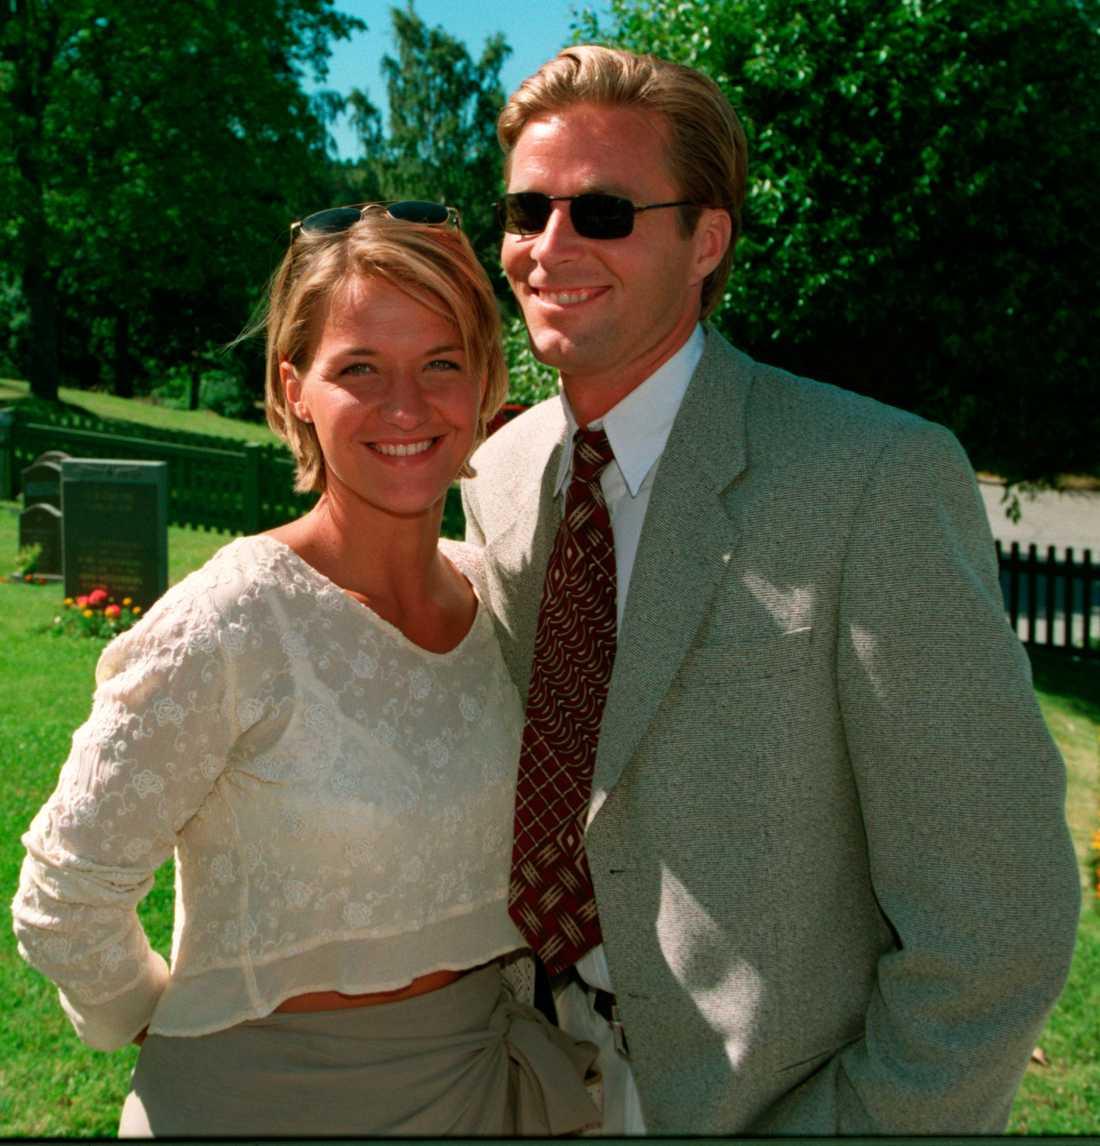 Kristin har ett barn tillsammans med Martin Lamprecht.